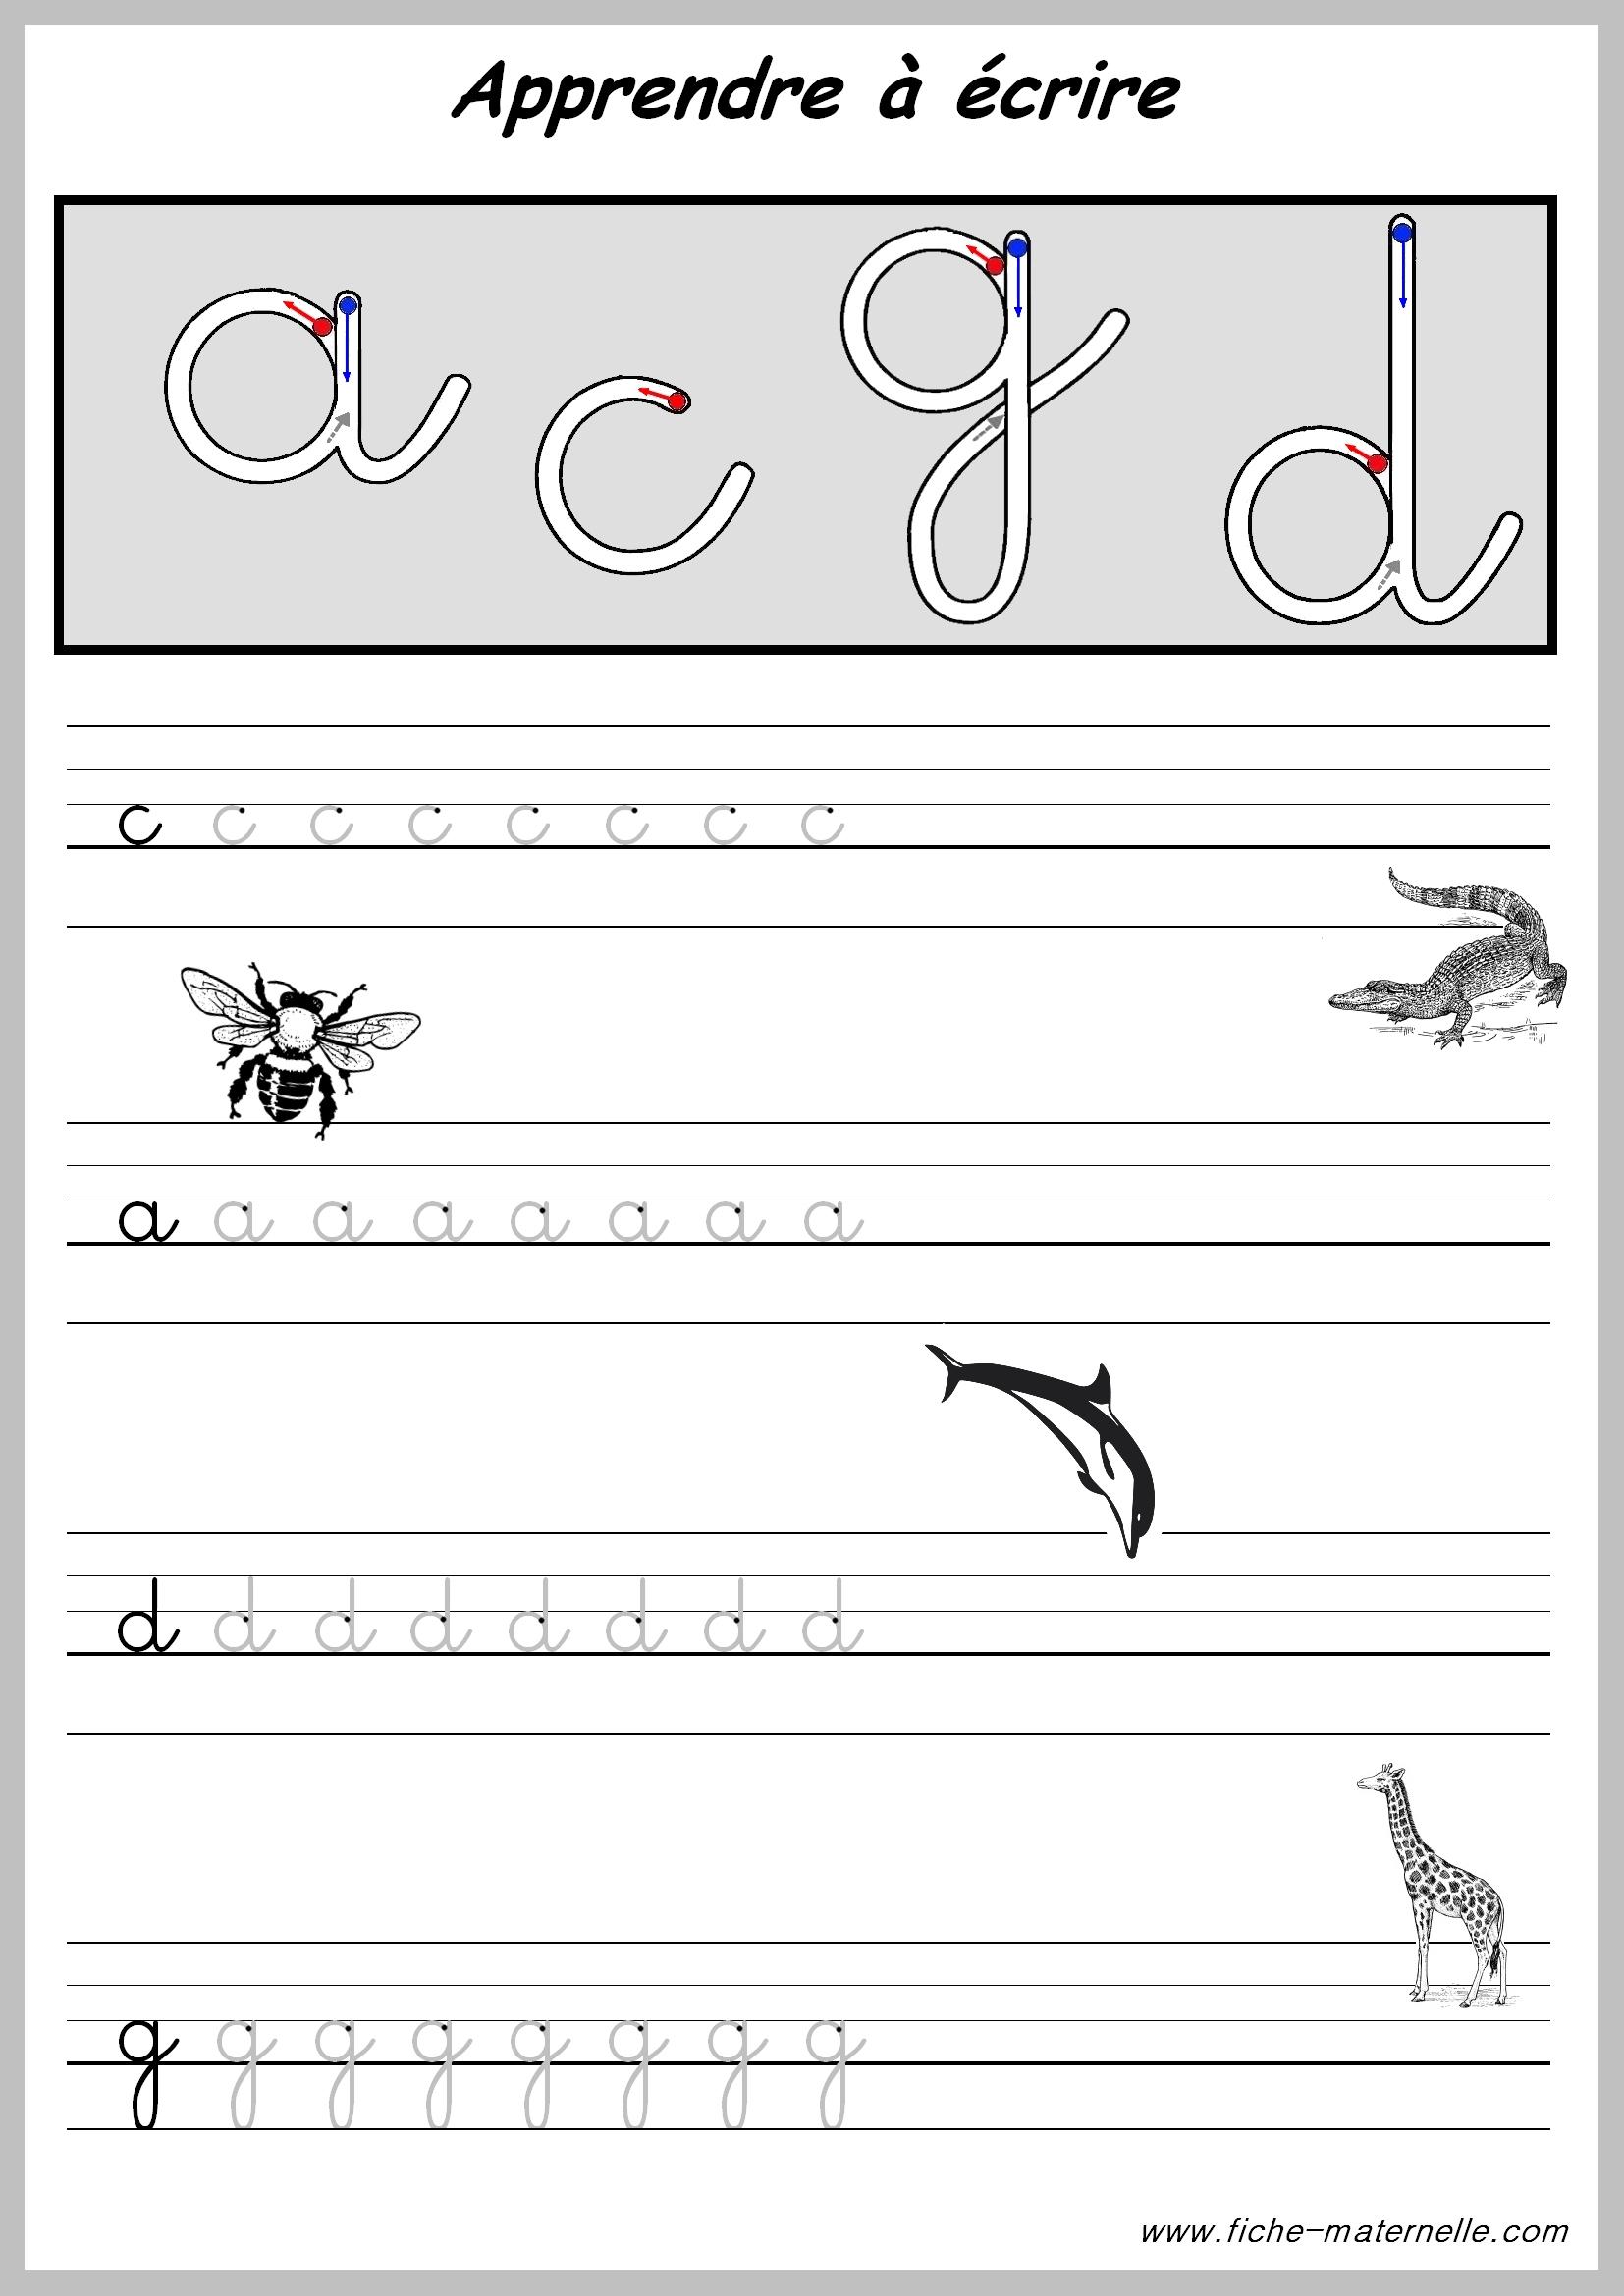 Exercices Pour Apprendre A Ecrire. dedans Apprendre À Écrire Les Lettres Maternelle